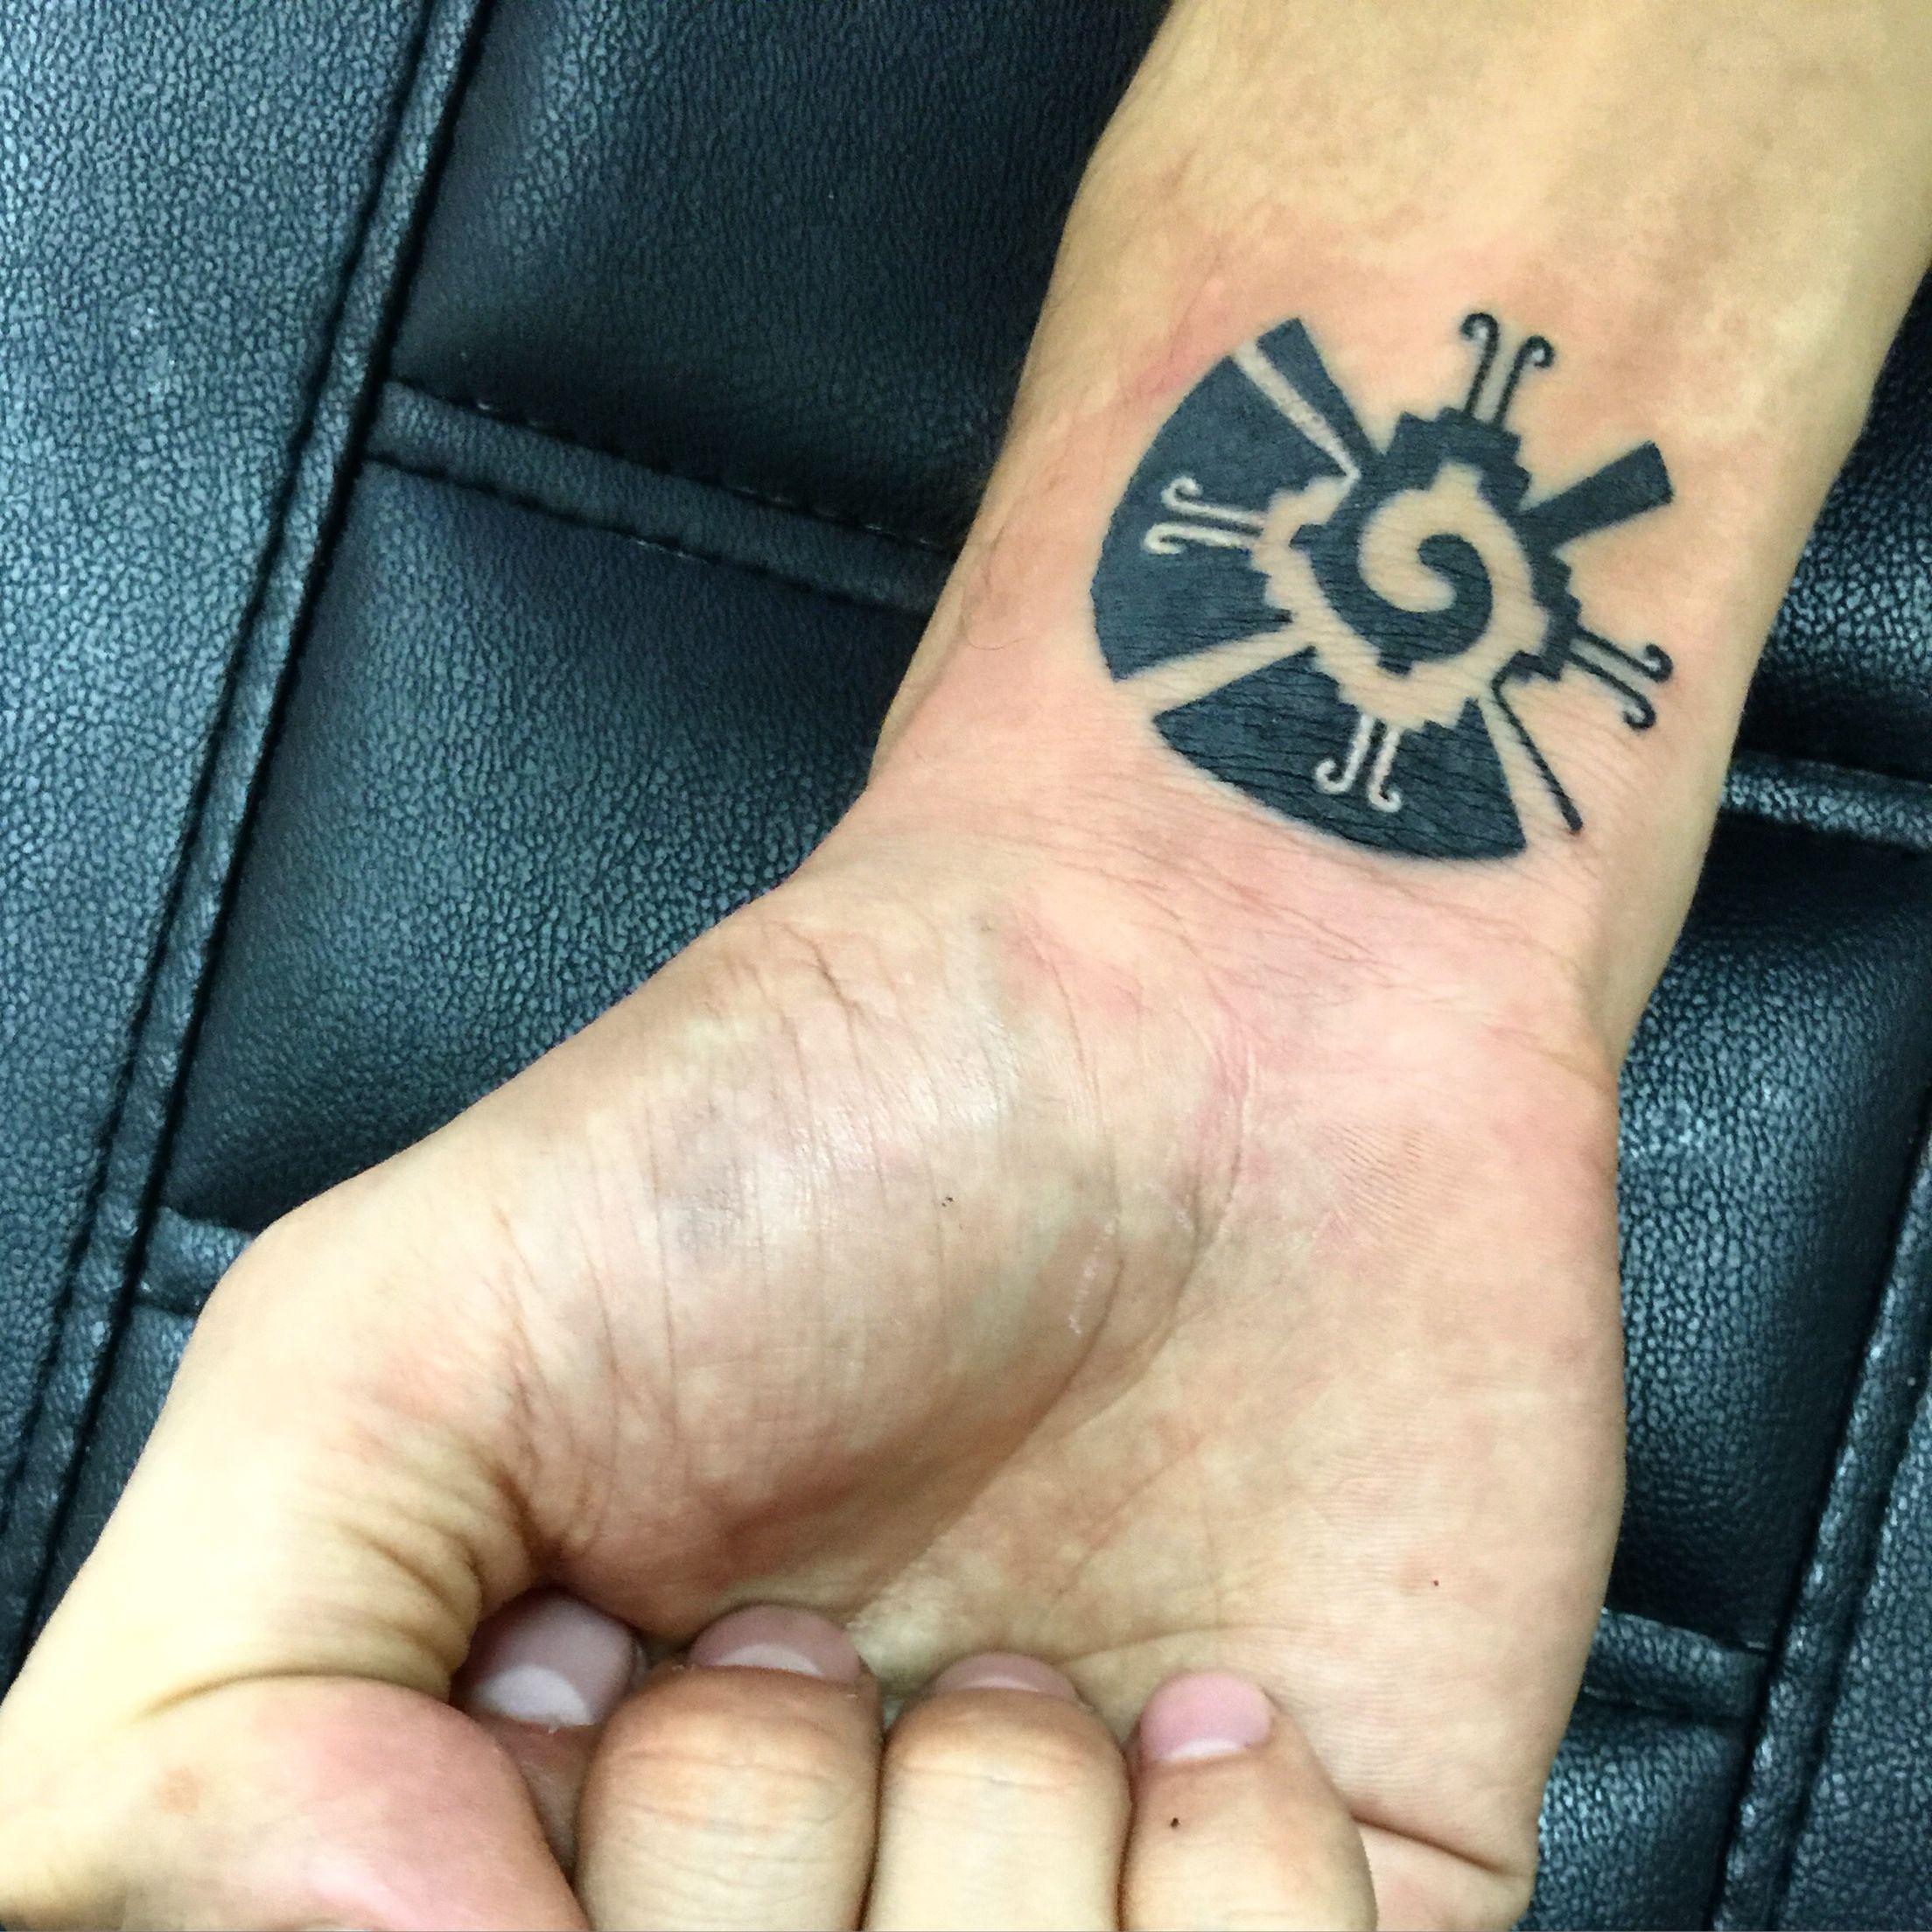 Hunab Ku Significa Dios En Maya Tatuaje Hecho Por Osvaldo Castillo